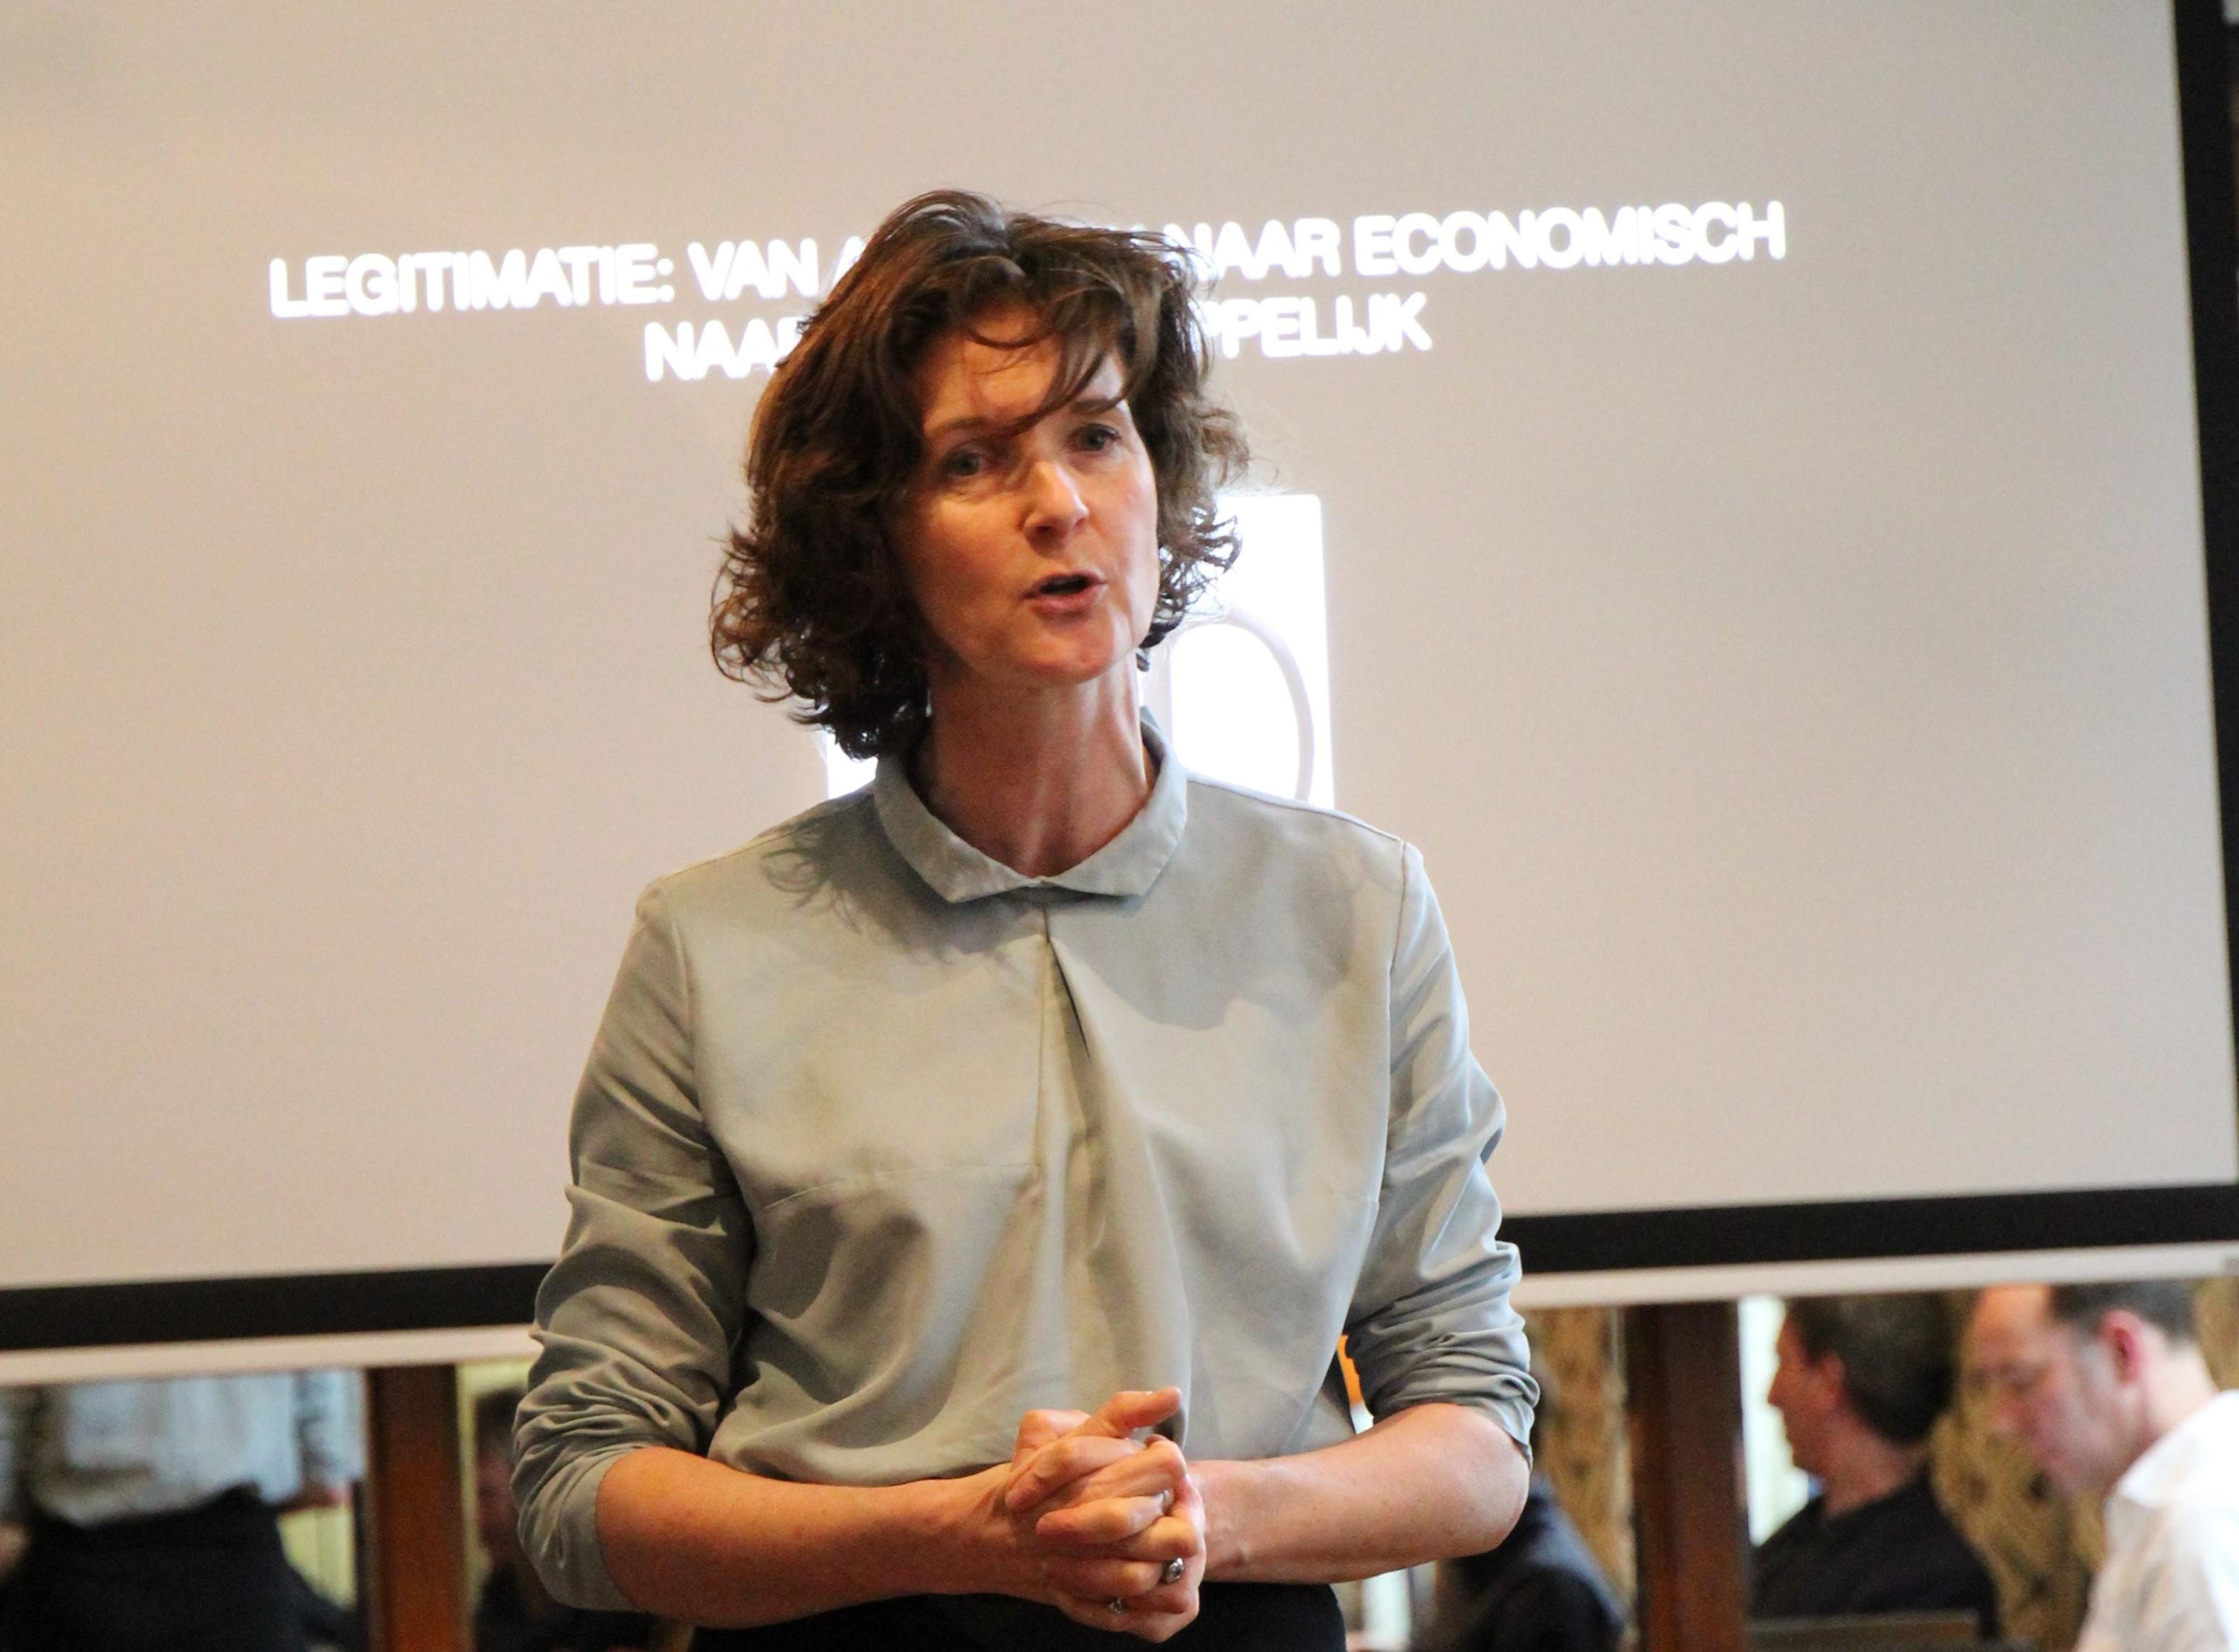 'Het speculatieve vermogen van de creatieve sector is van belang voor maatschappelijke vernieuwing en duurzame verandering in de samenleving.'